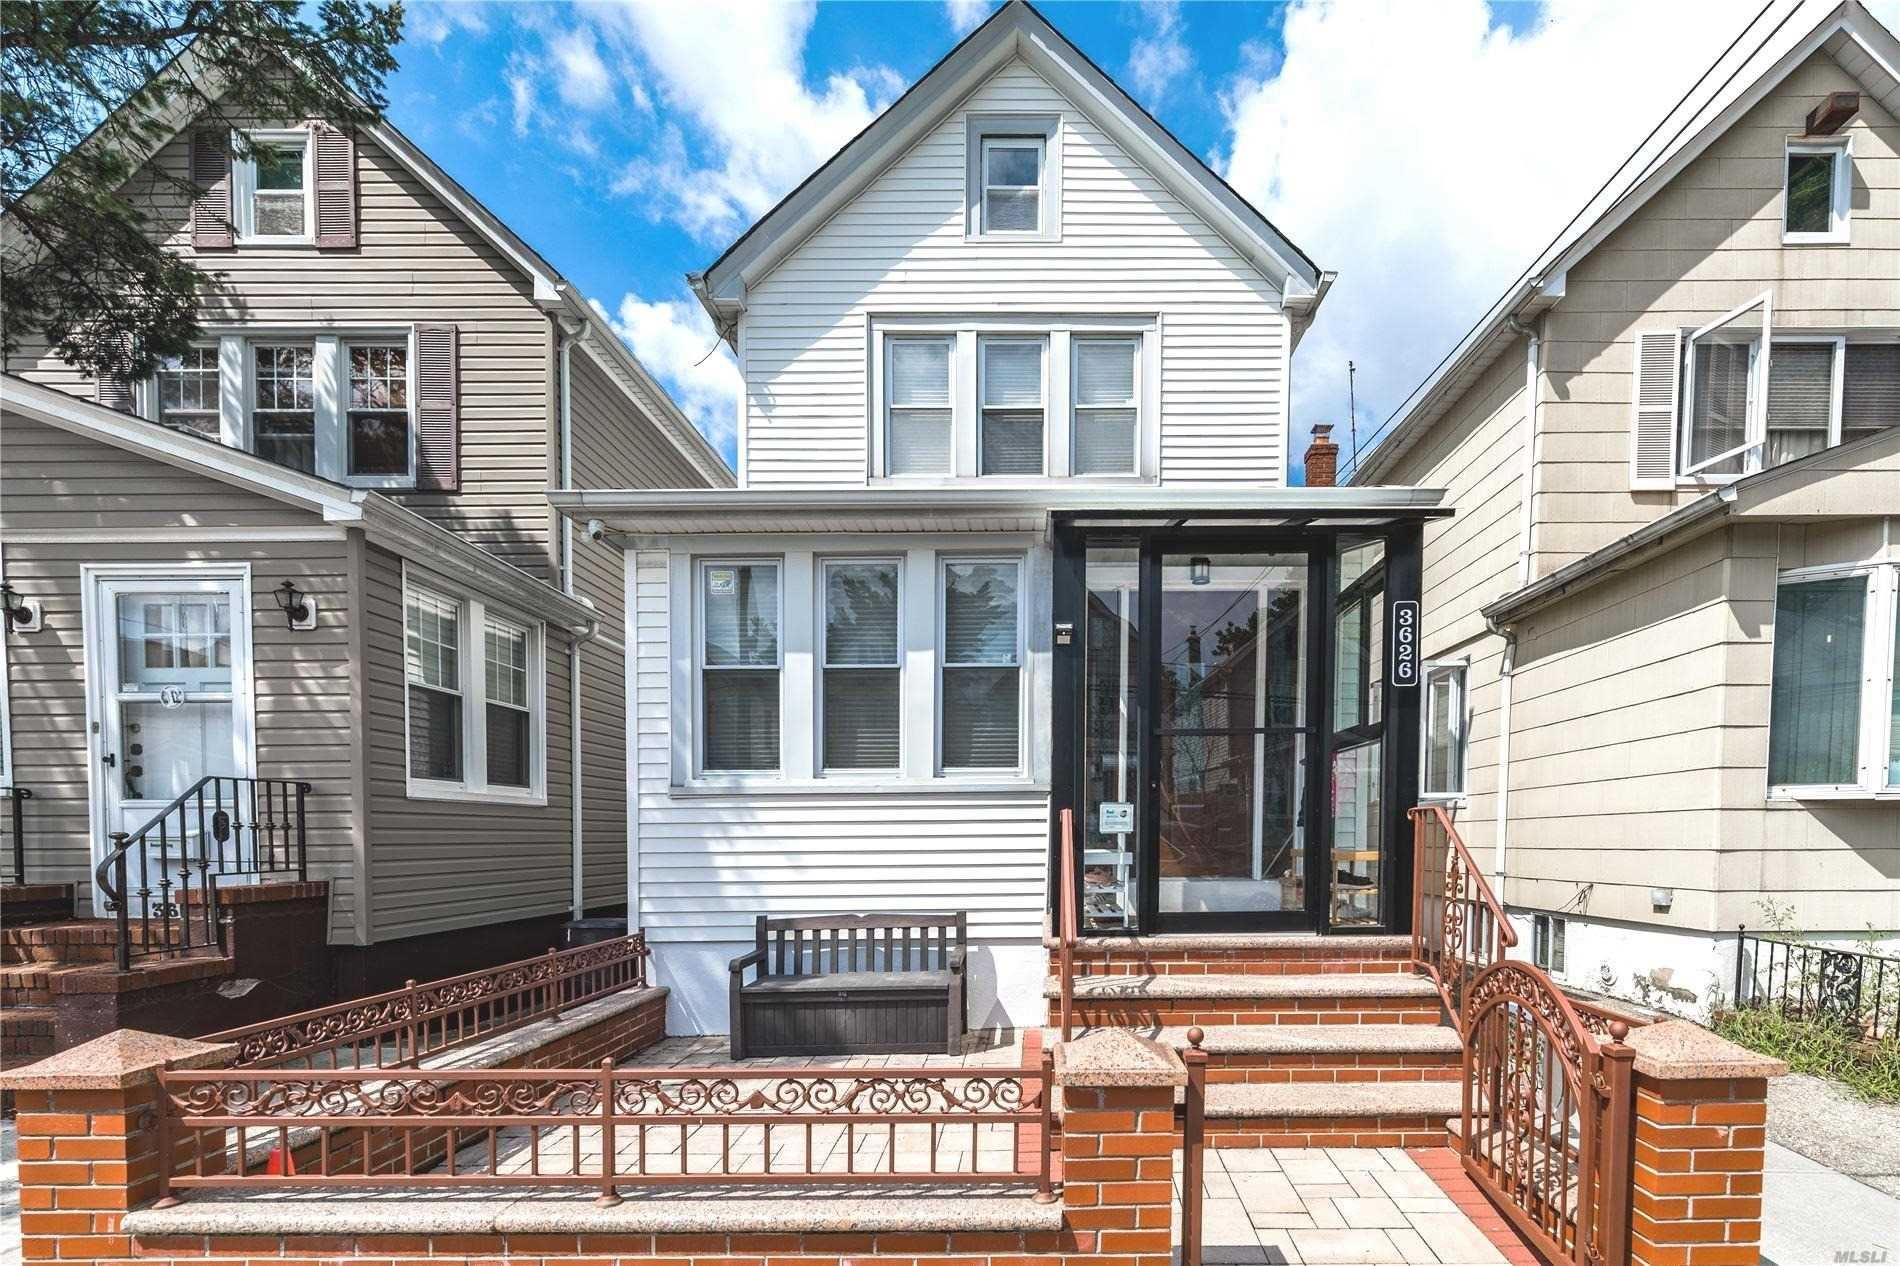 36-26 201 Street, Bayside, NY 11361 - MLS#: 3238676